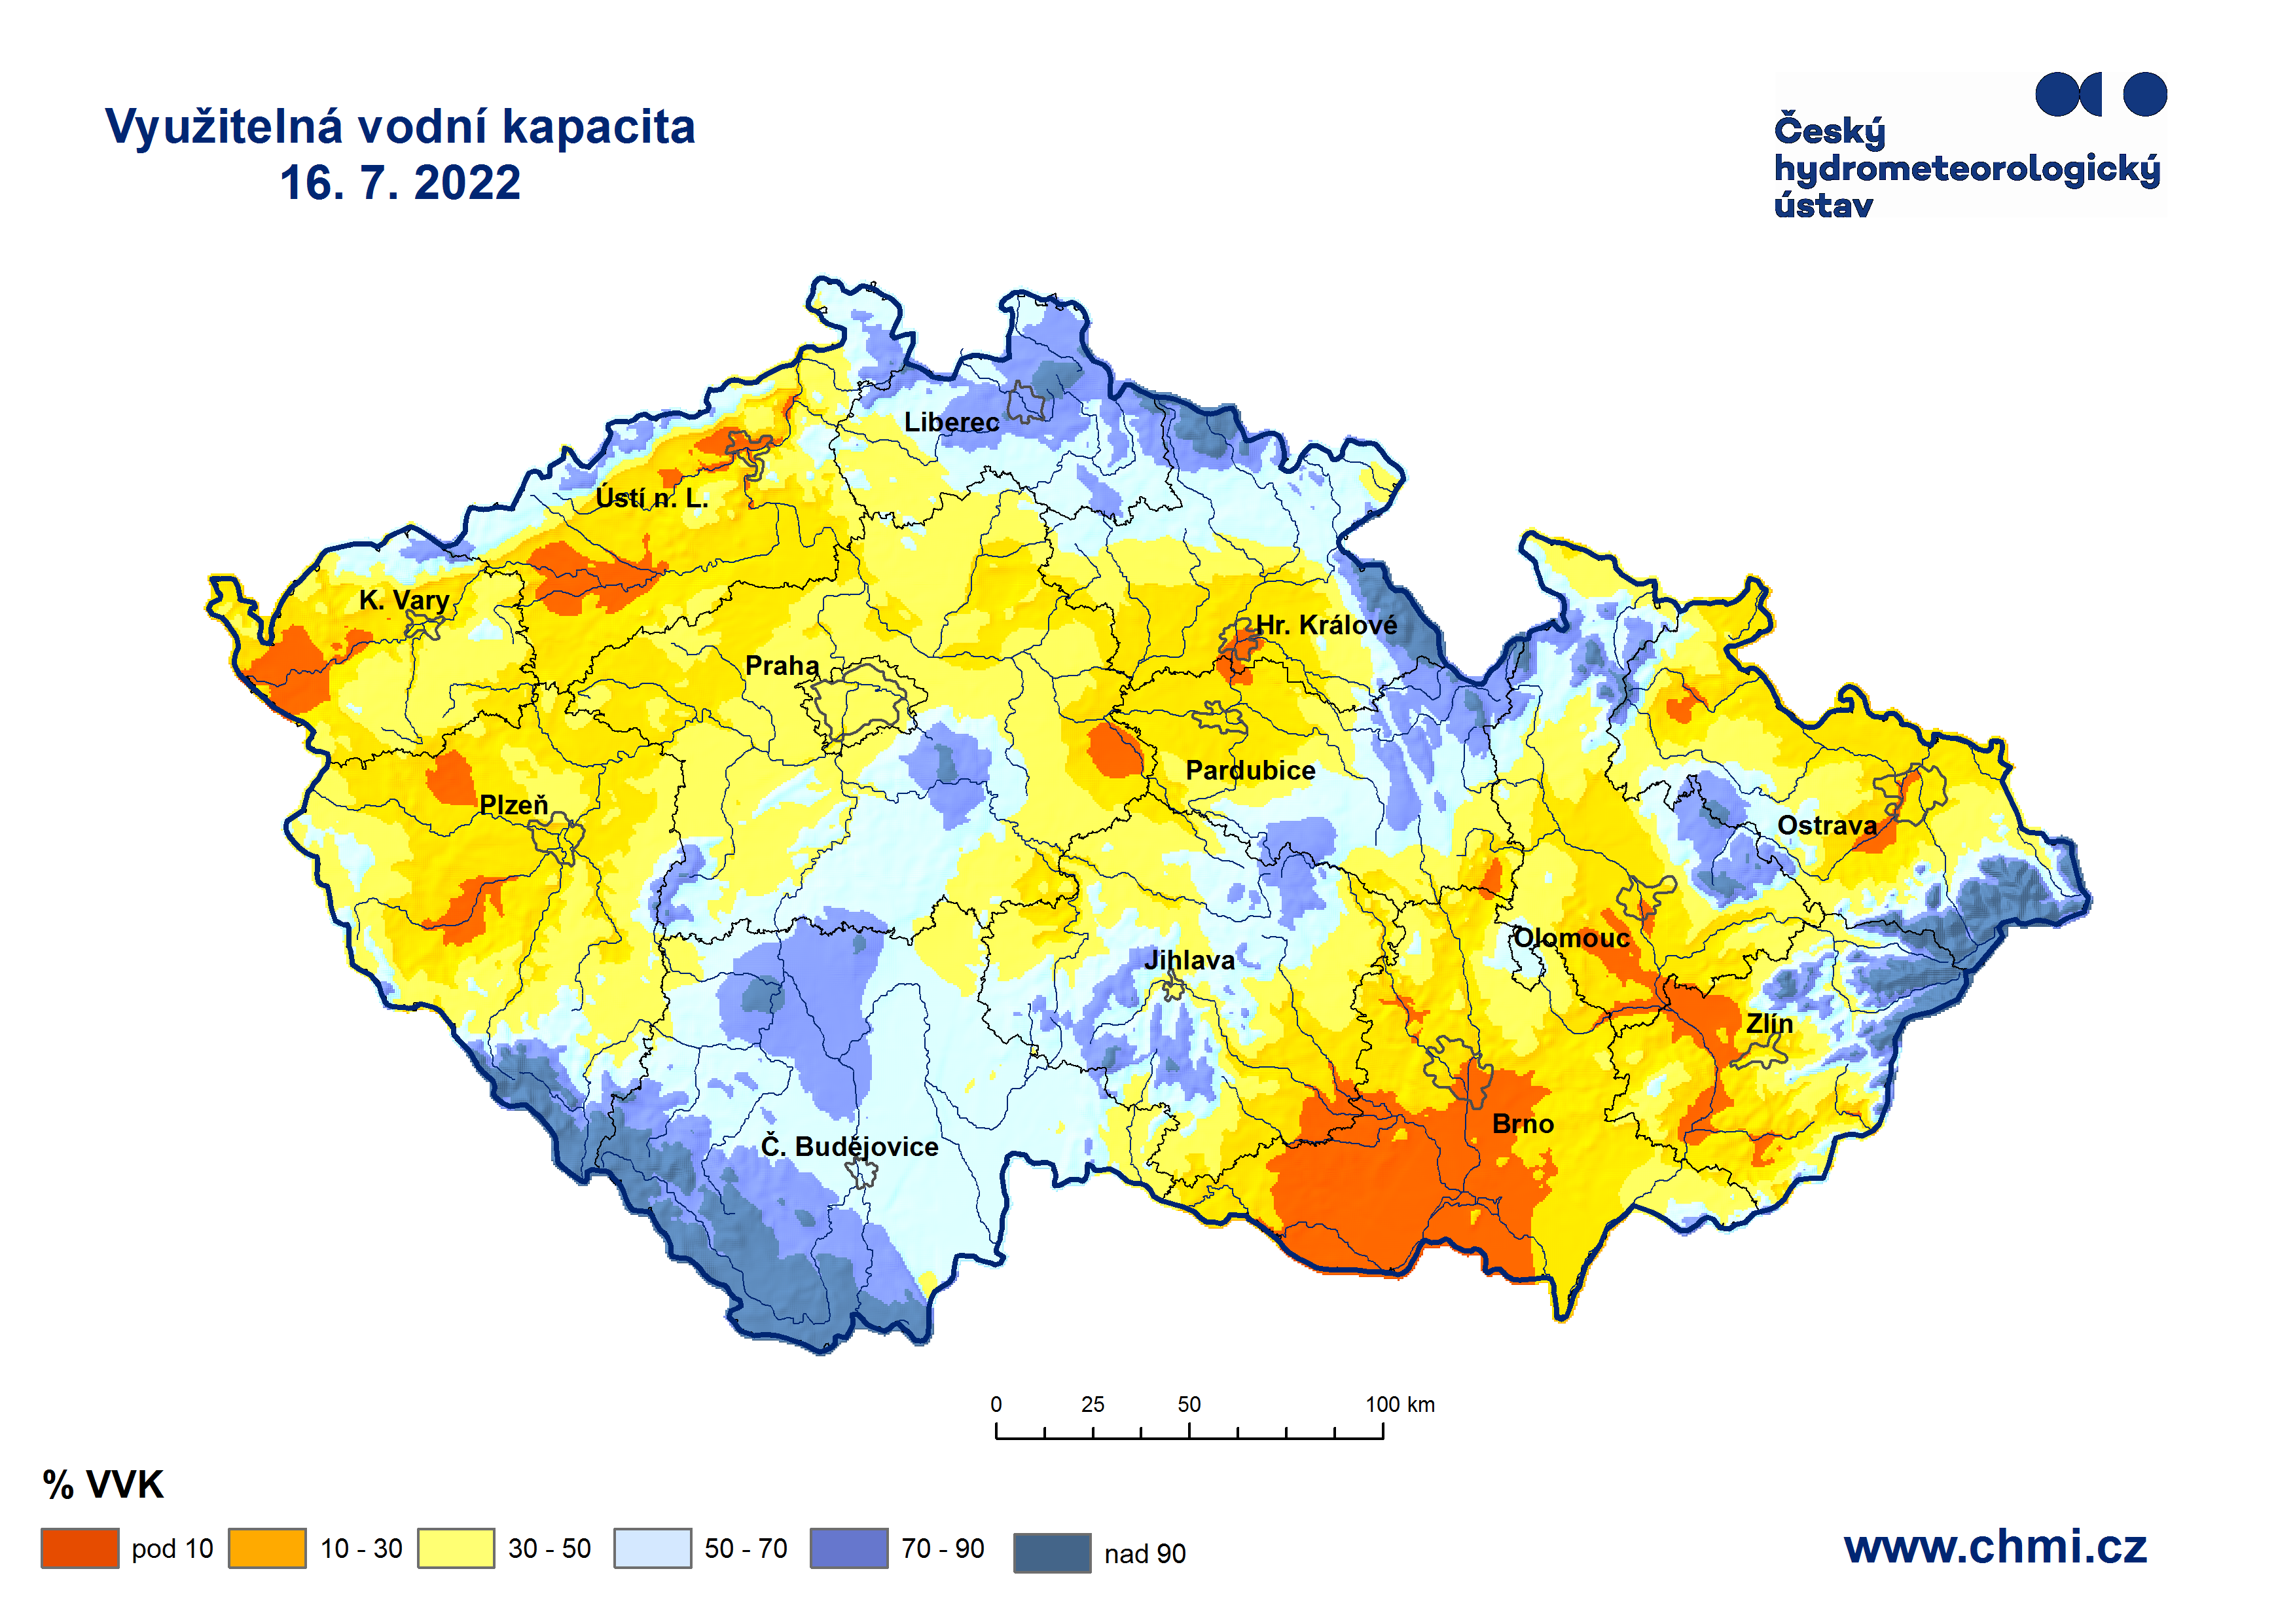 Hydrologická situace: Využitelná vodní kapacita v půdě do hloubky 20cm.